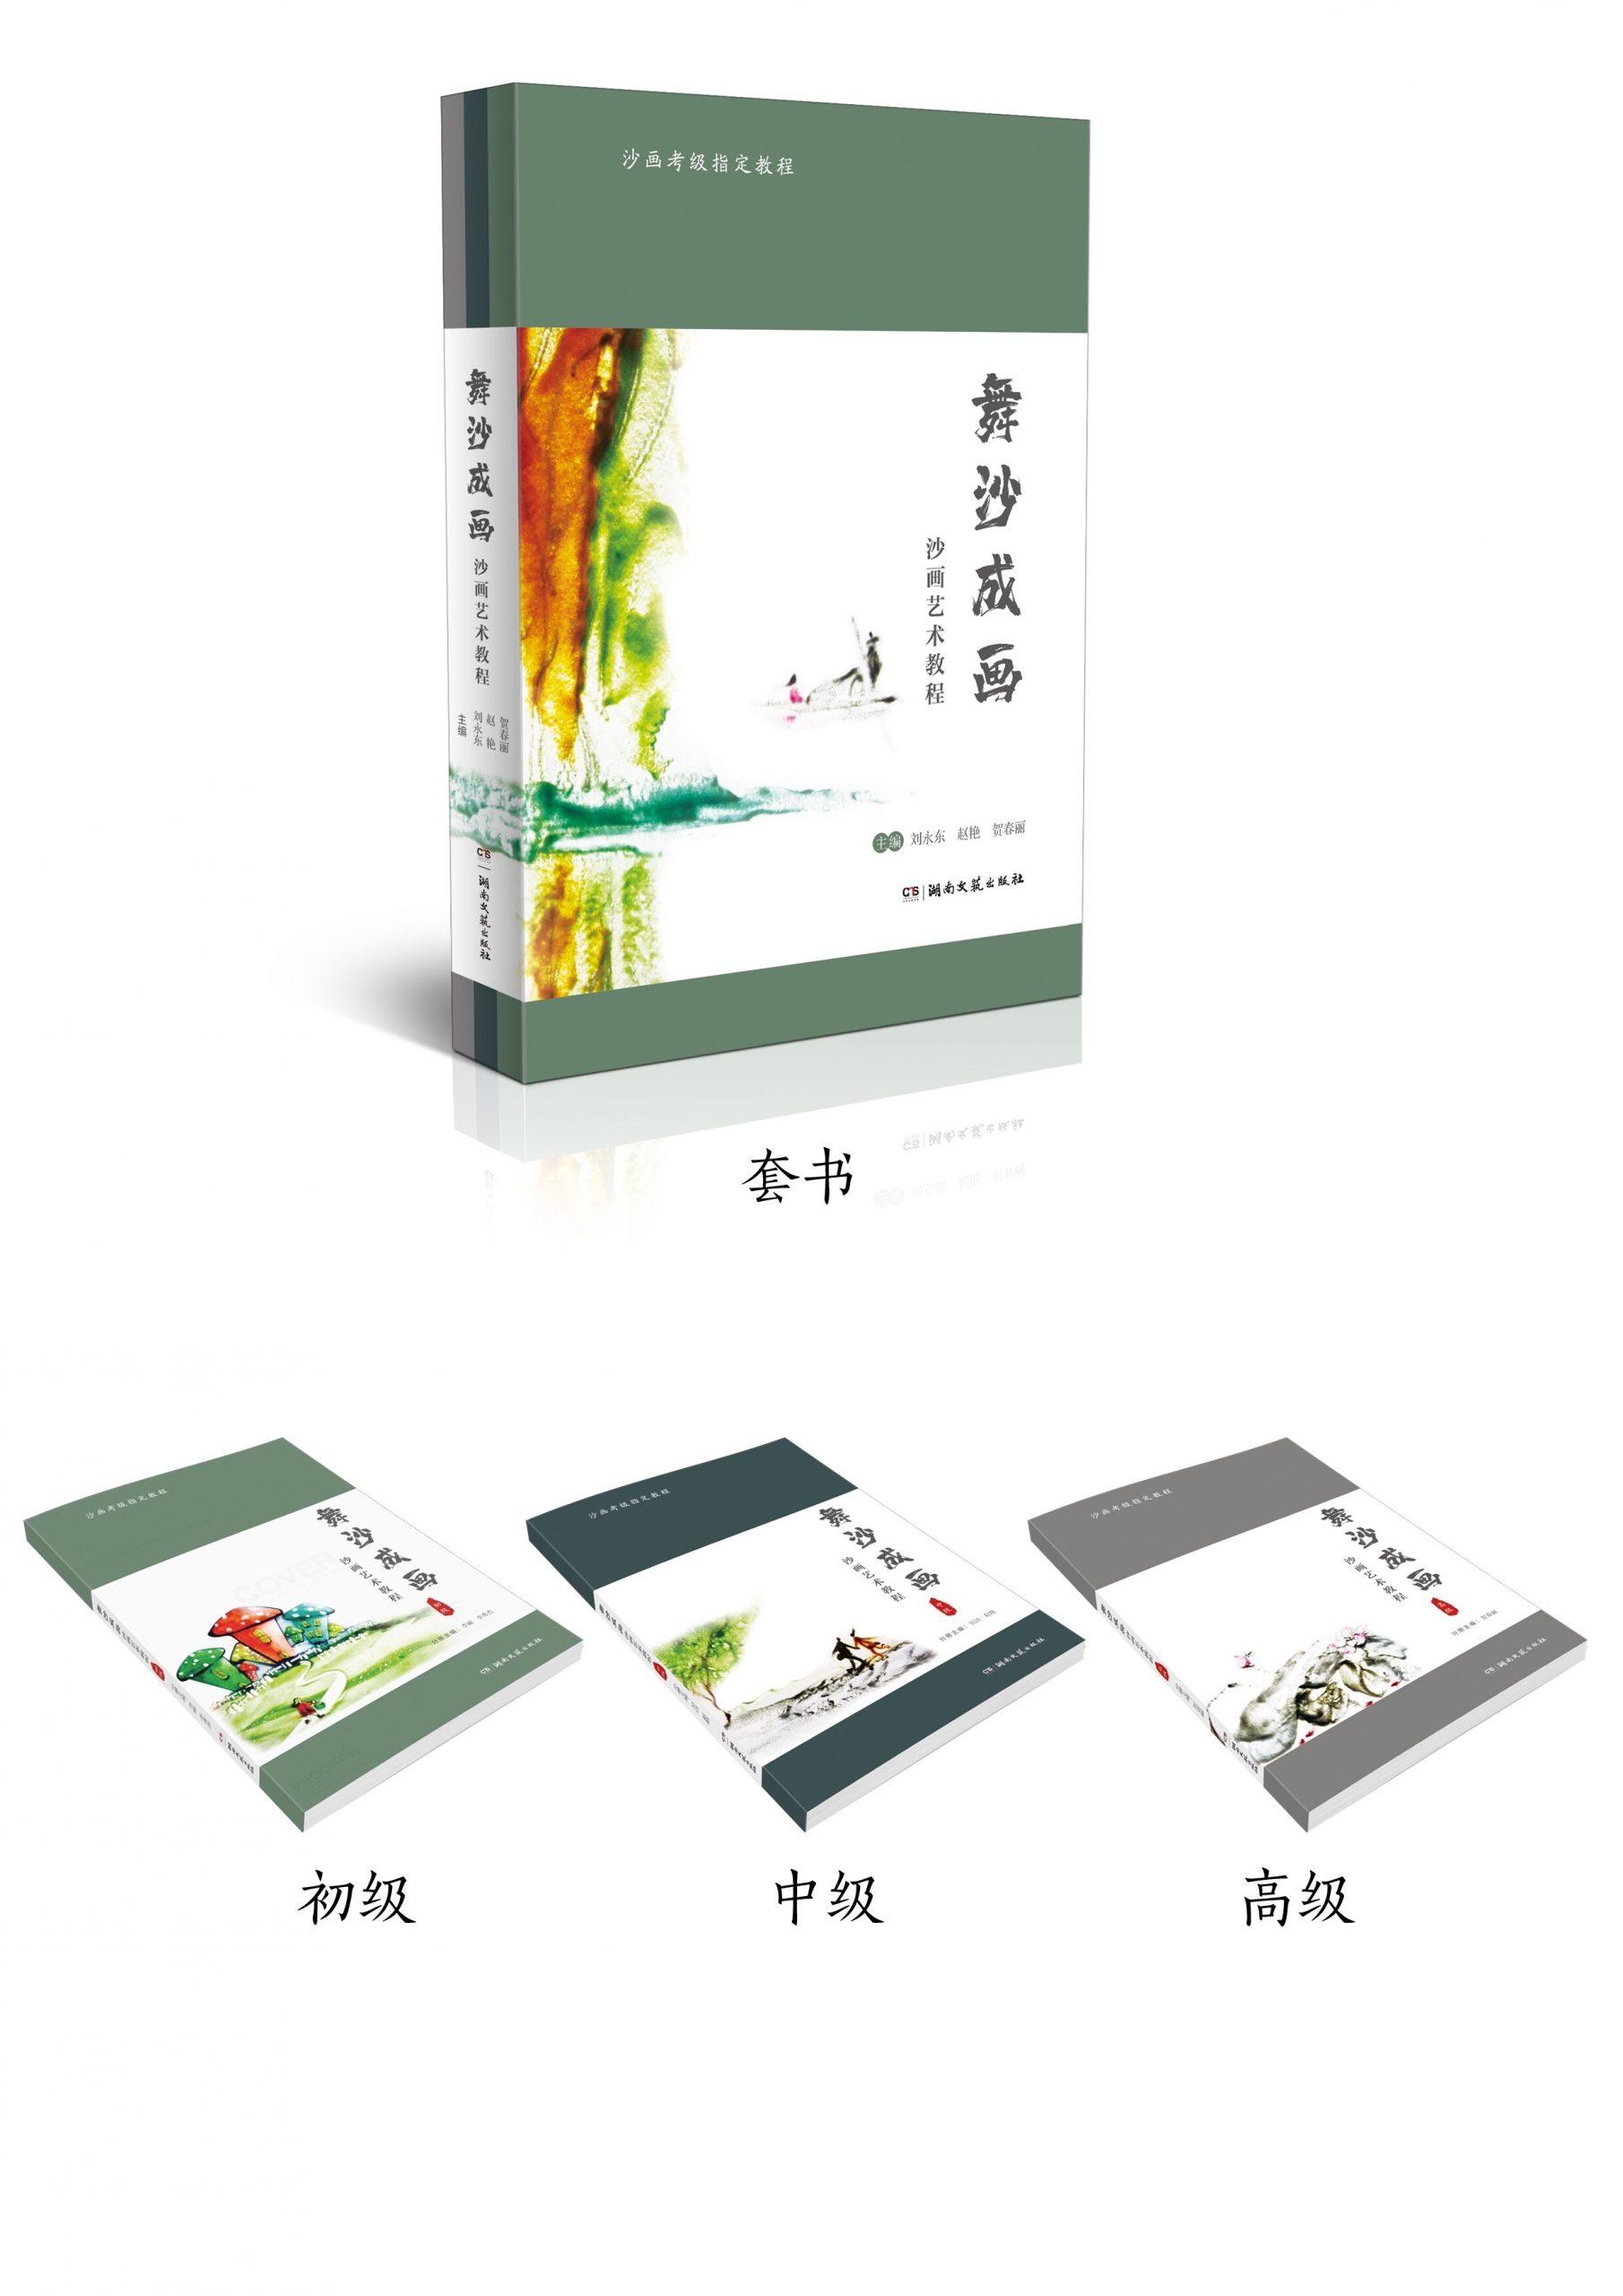 沙画教材《舞沙成画》在2021金麓沙画艺术周发布,袁隆平院士亲笔题词-出版人杂志官网